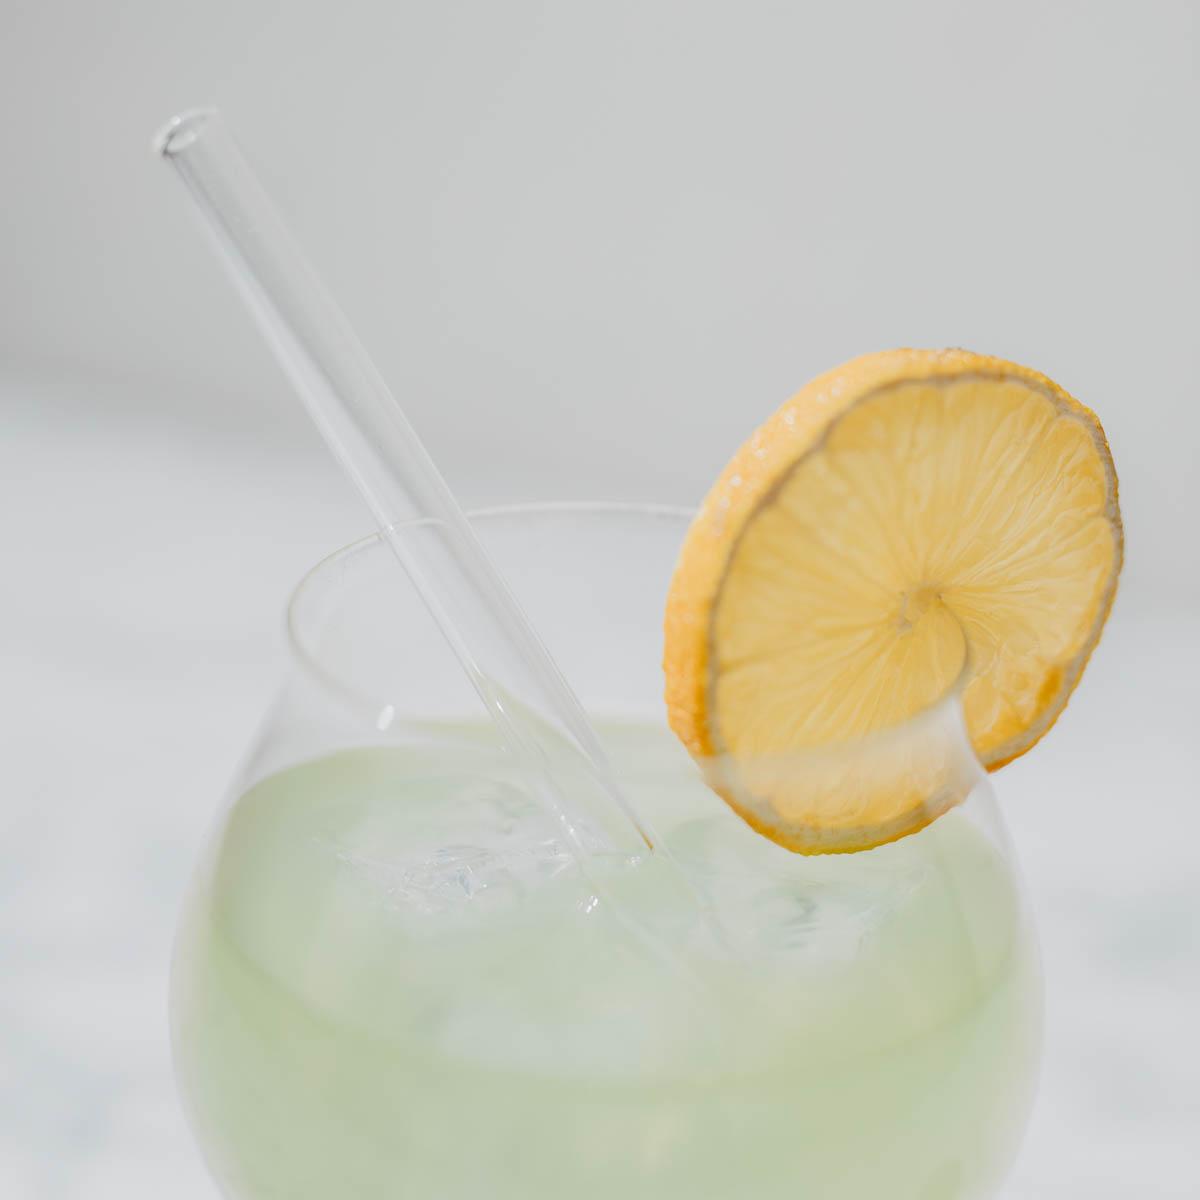 Detail Zitronenscheibe auf Glas mit Grüntee